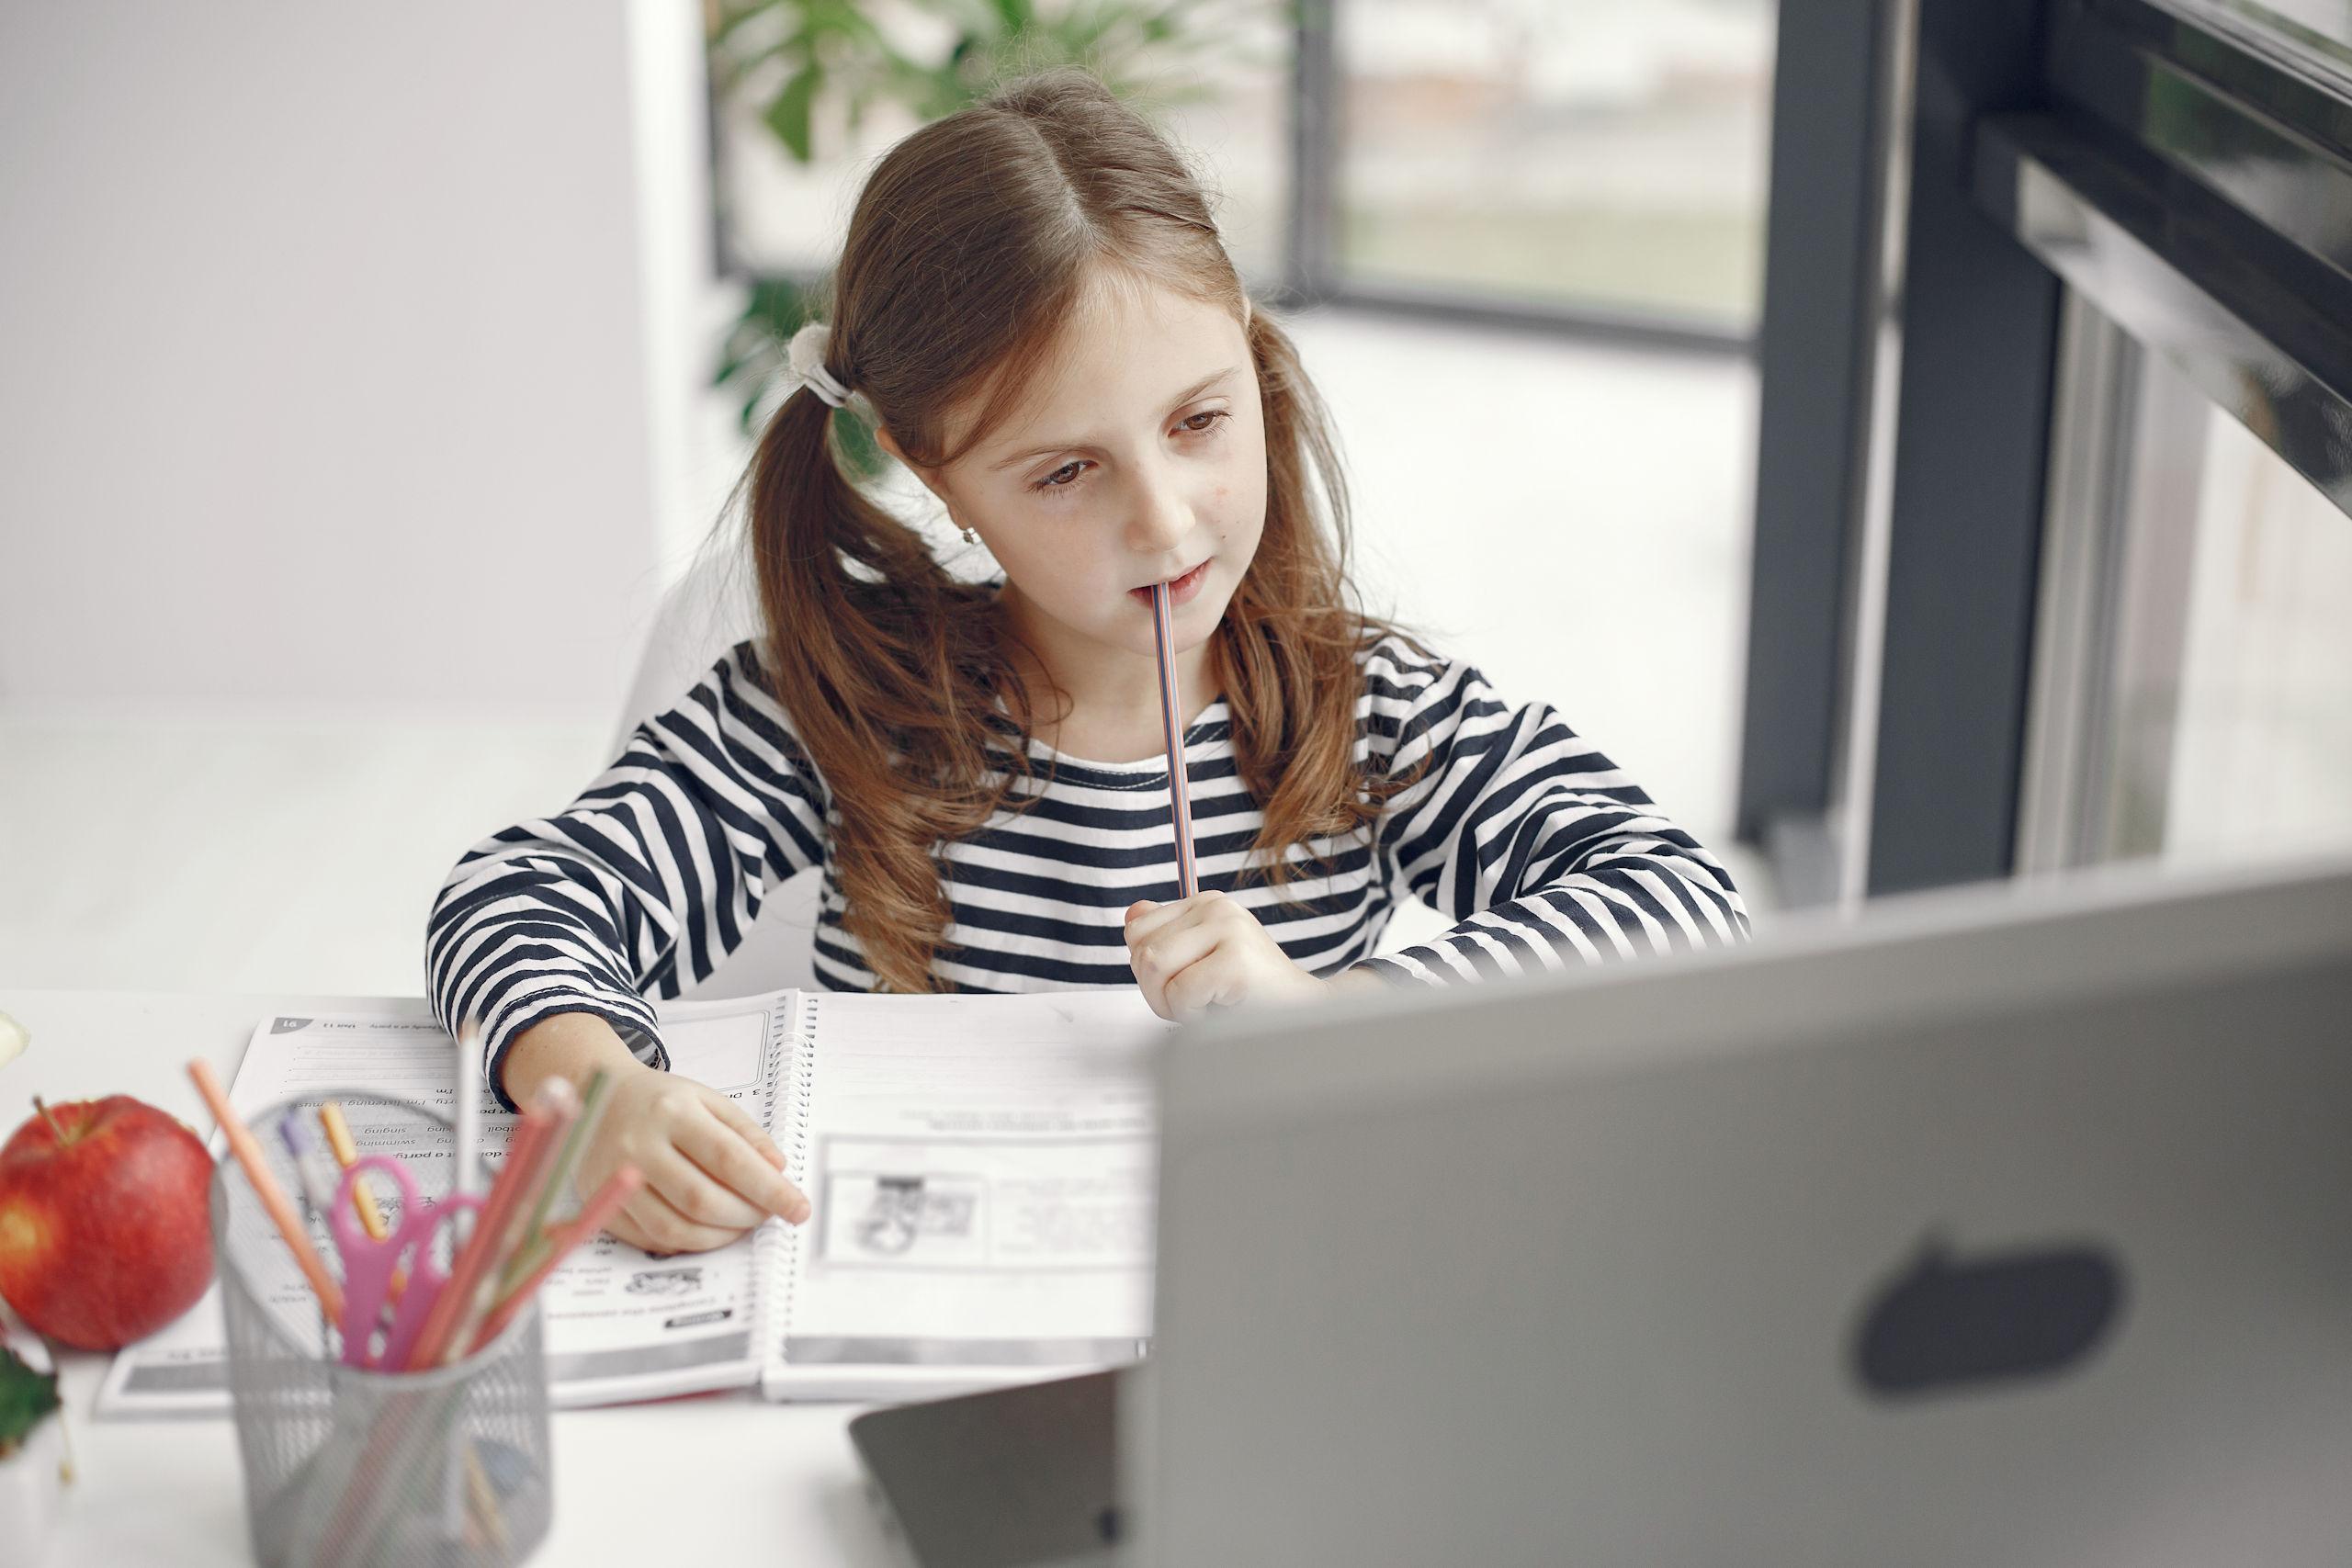 Dziewczynka w skupieniu odrabia lekcje na laptopie